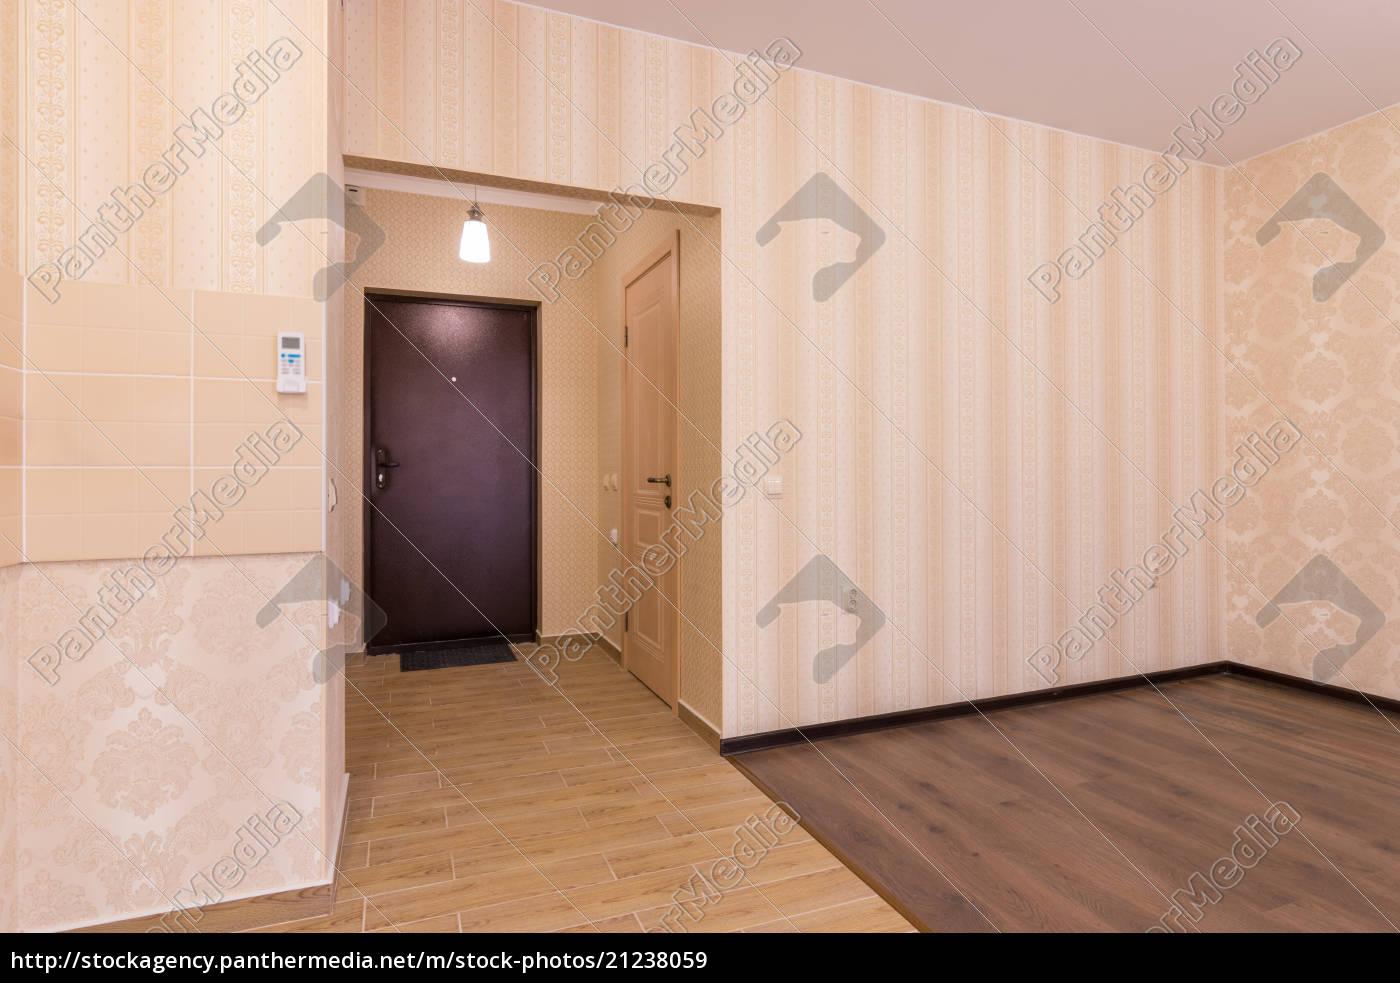 interne ein zimmer wohnungen die aussicht vom zimmer stockfoto 21238059 bildagentur. Black Bedroom Furniture Sets. Home Design Ideas